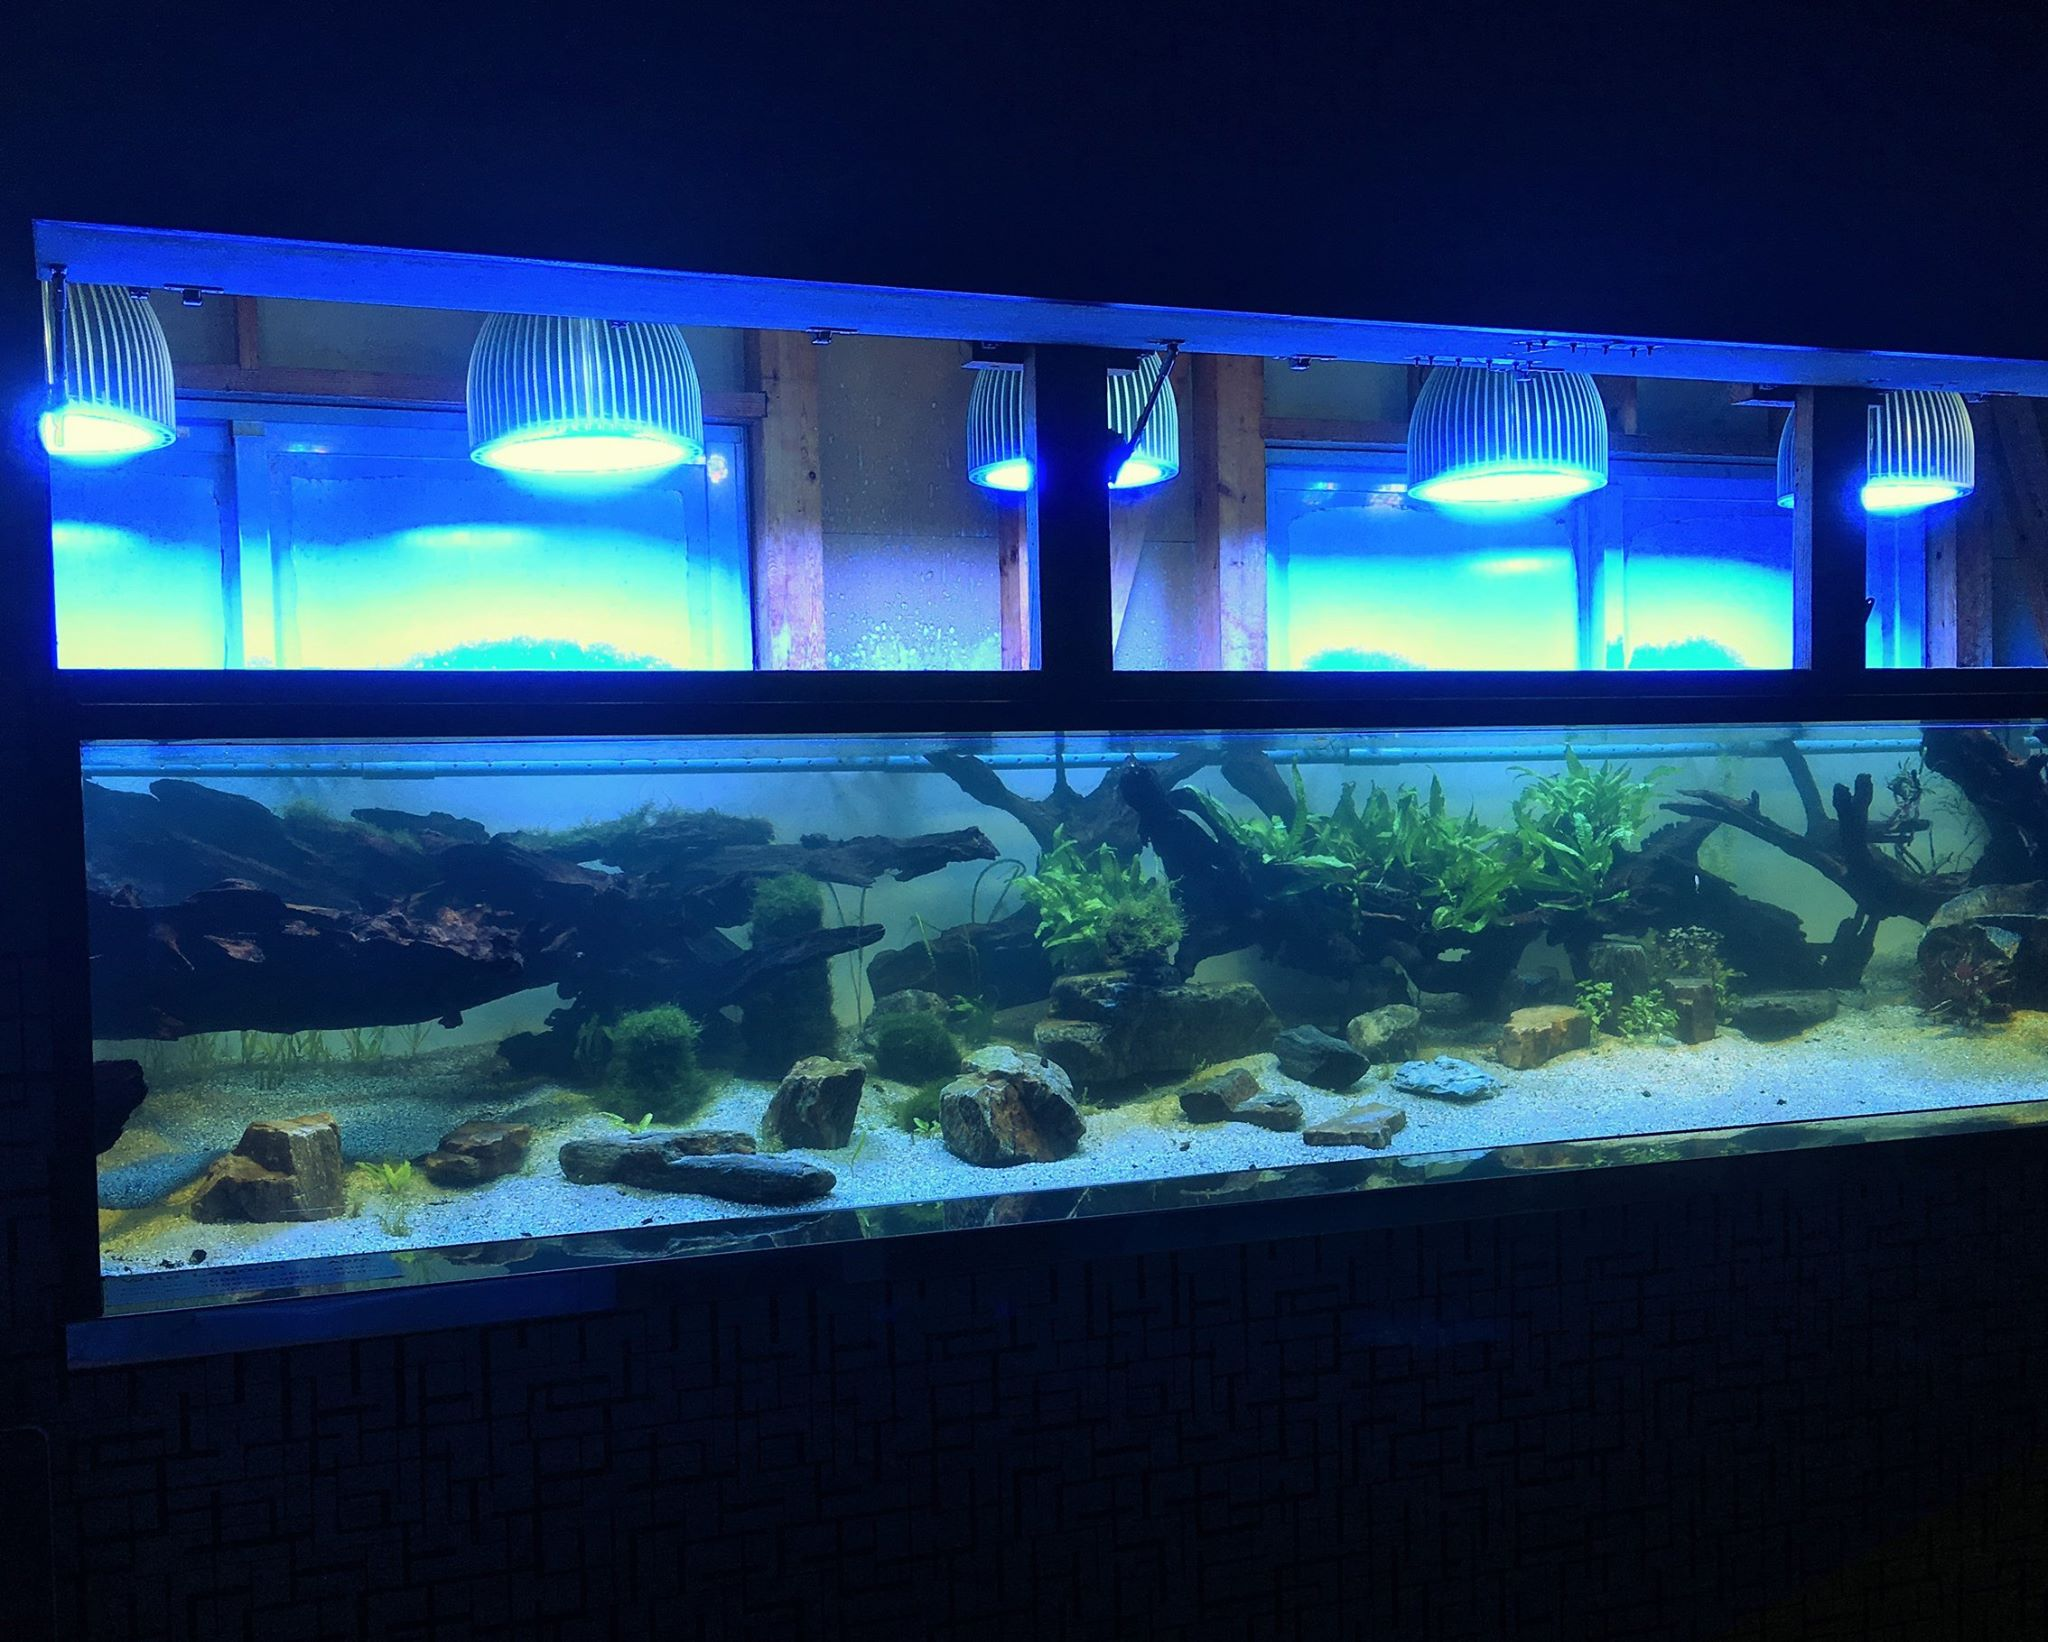 Aquarium led lighting photos meilleurs galerie d 39 clairage led aquarium reef orphek - Eclairage led aquarium ...